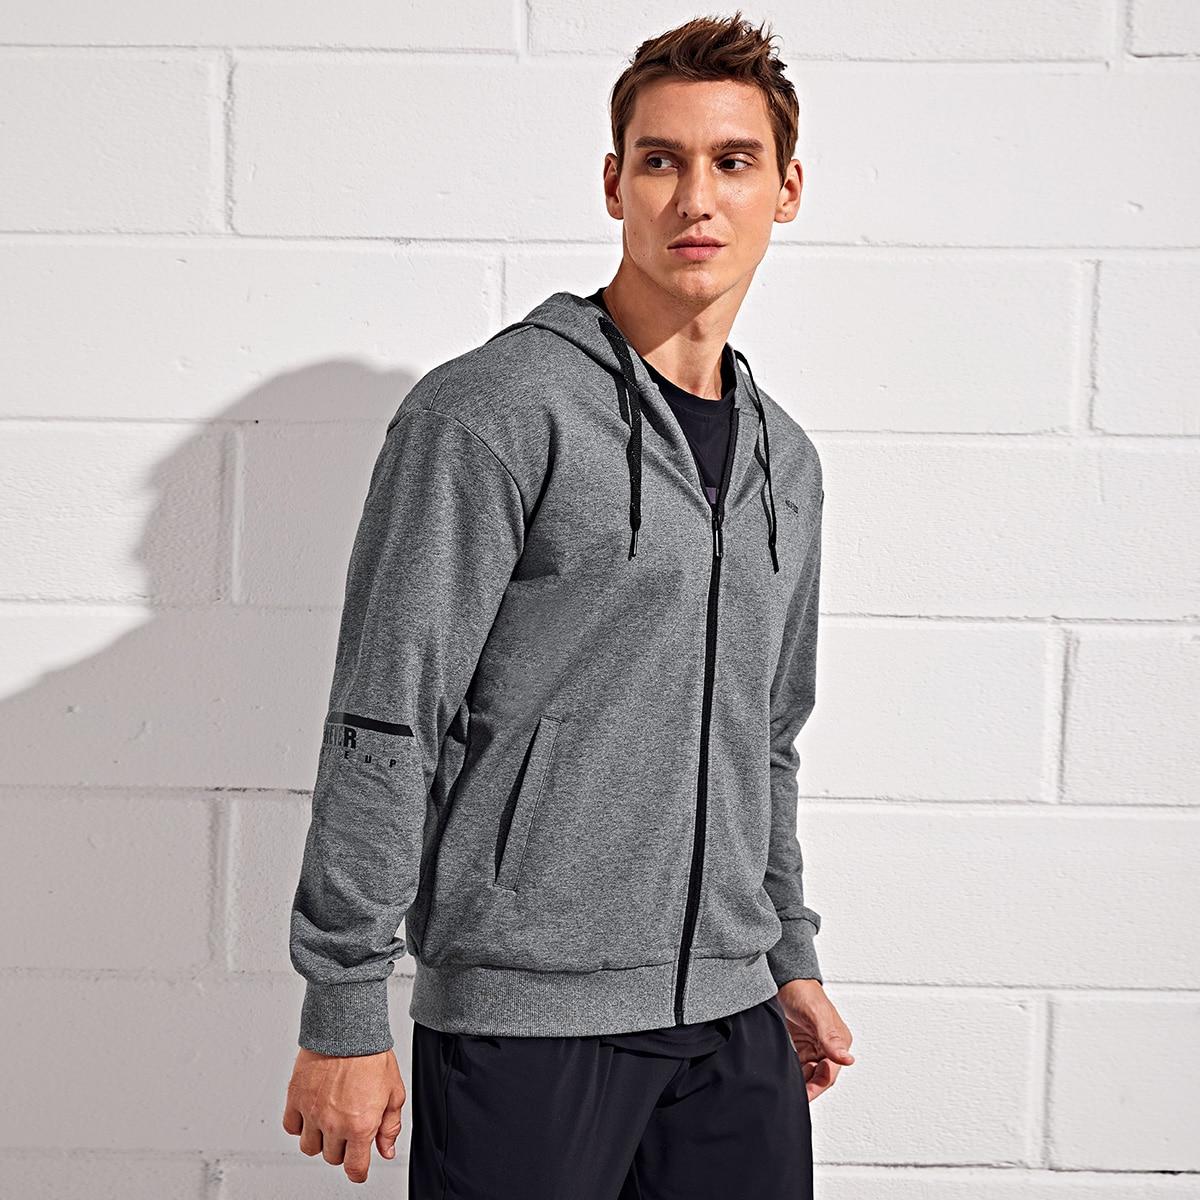 Мужская спортивная куртка на кулиске с капюшоном и текстовым принтом